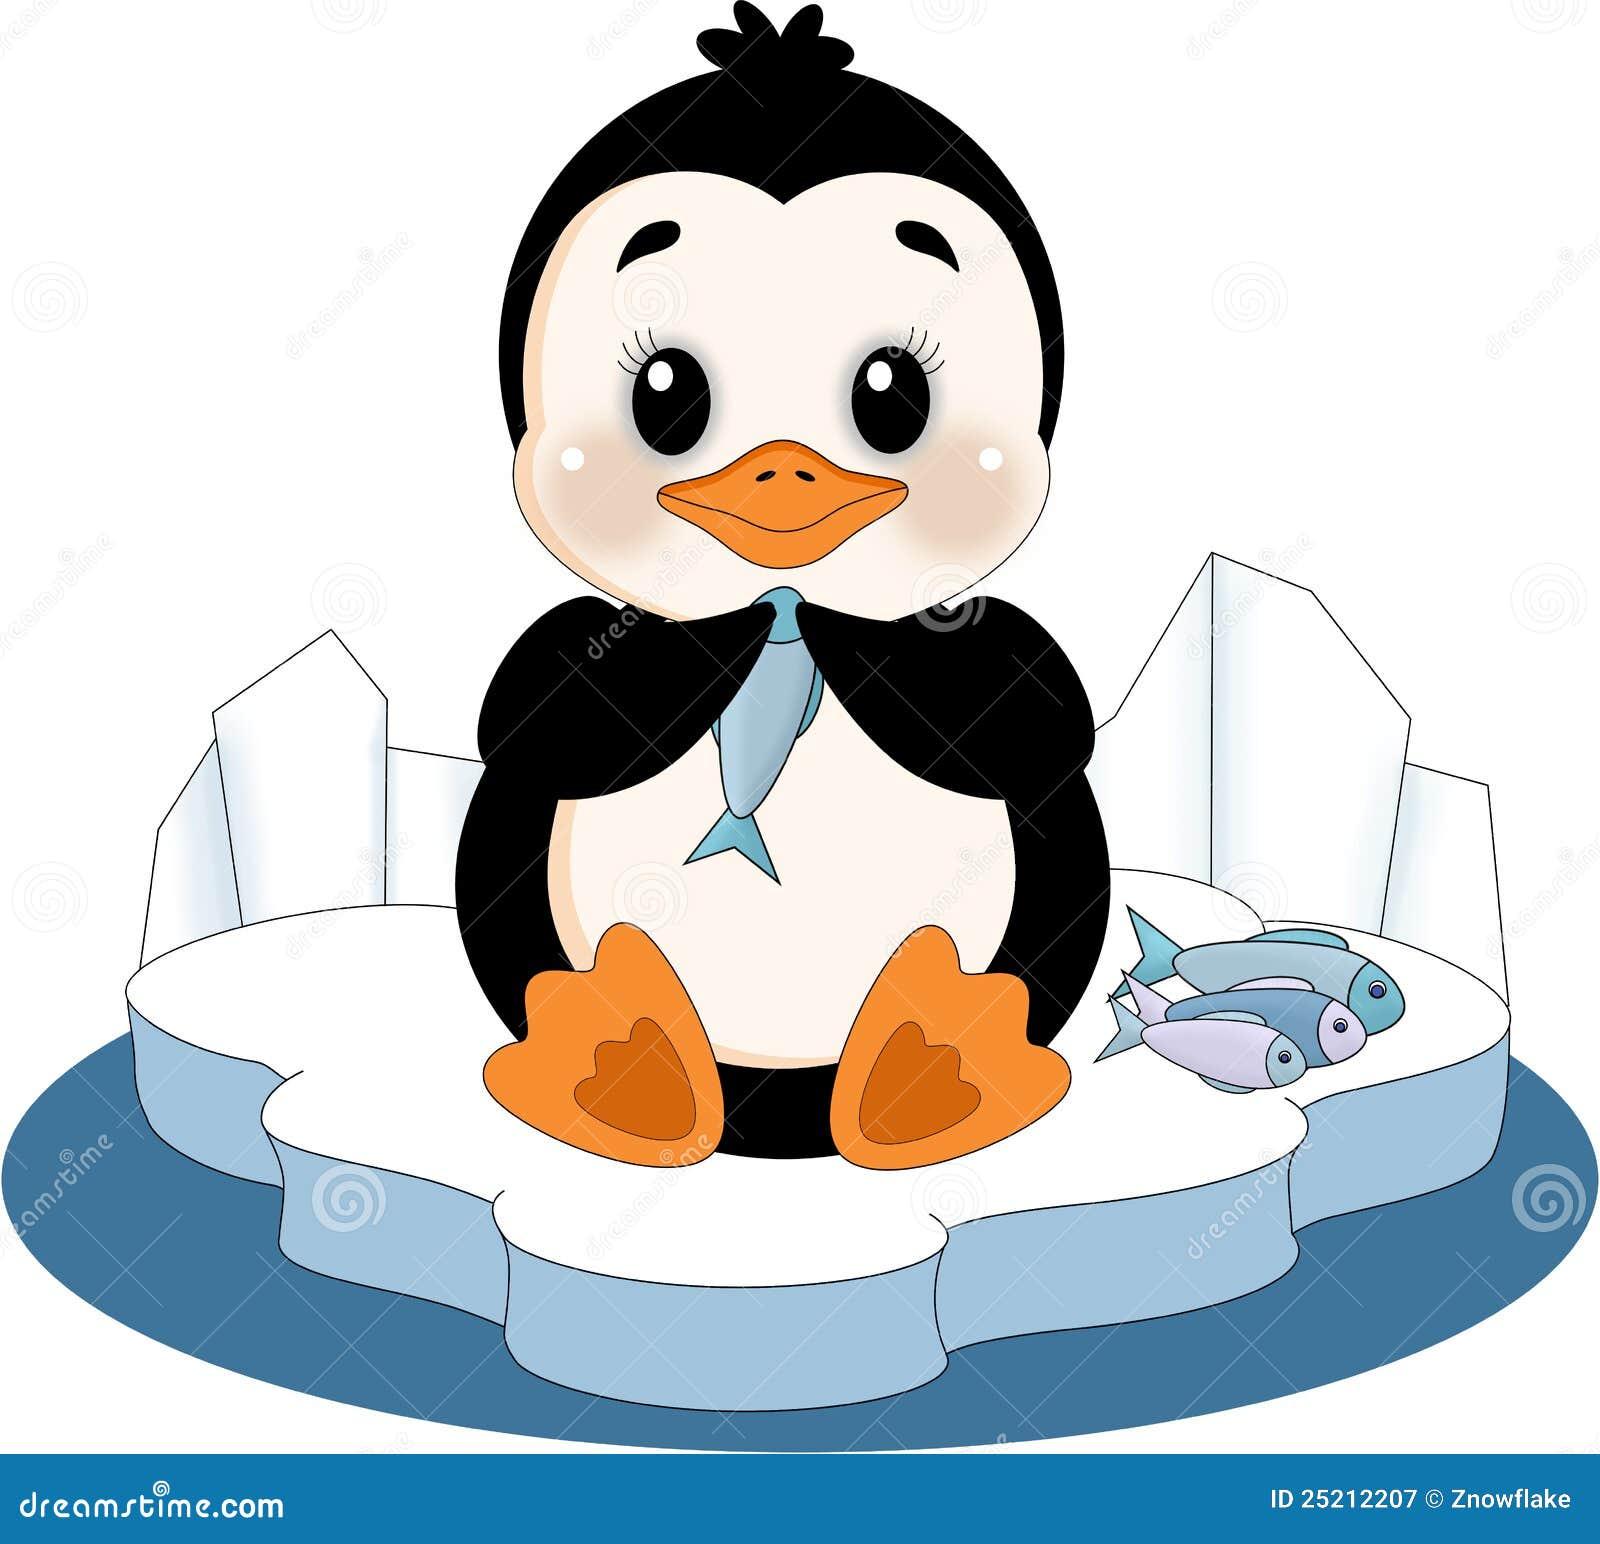 pingouin sur la banquise photographie stock libre de droits image 25212207. Black Bedroom Furniture Sets. Home Design Ideas